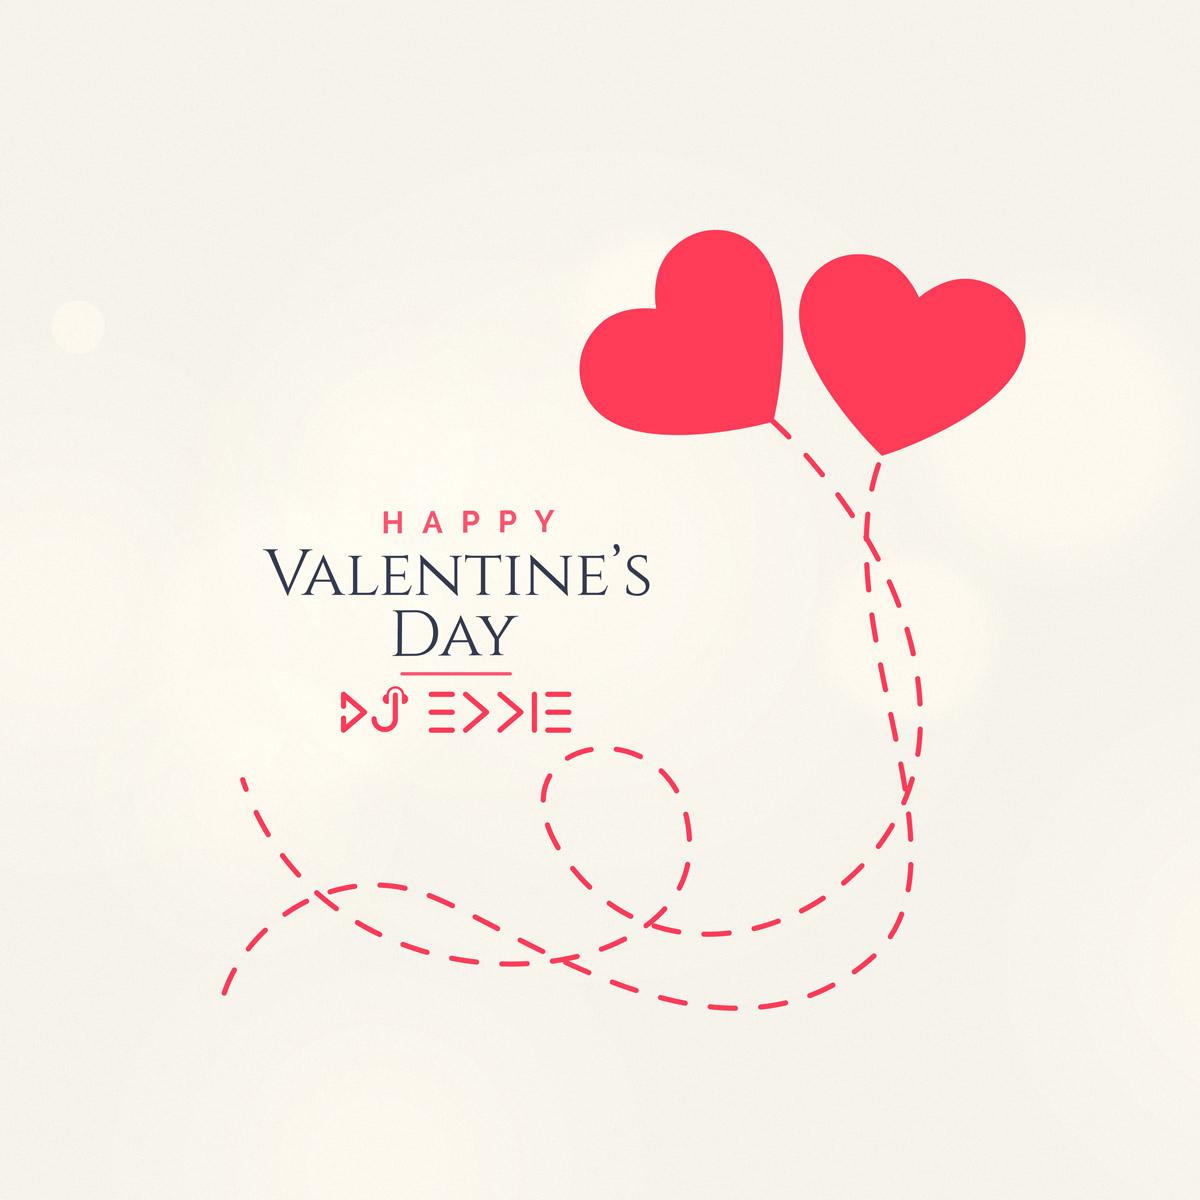 ميكس اغاني حب للعشاق Valentine's Day Love Songs Mix 2017